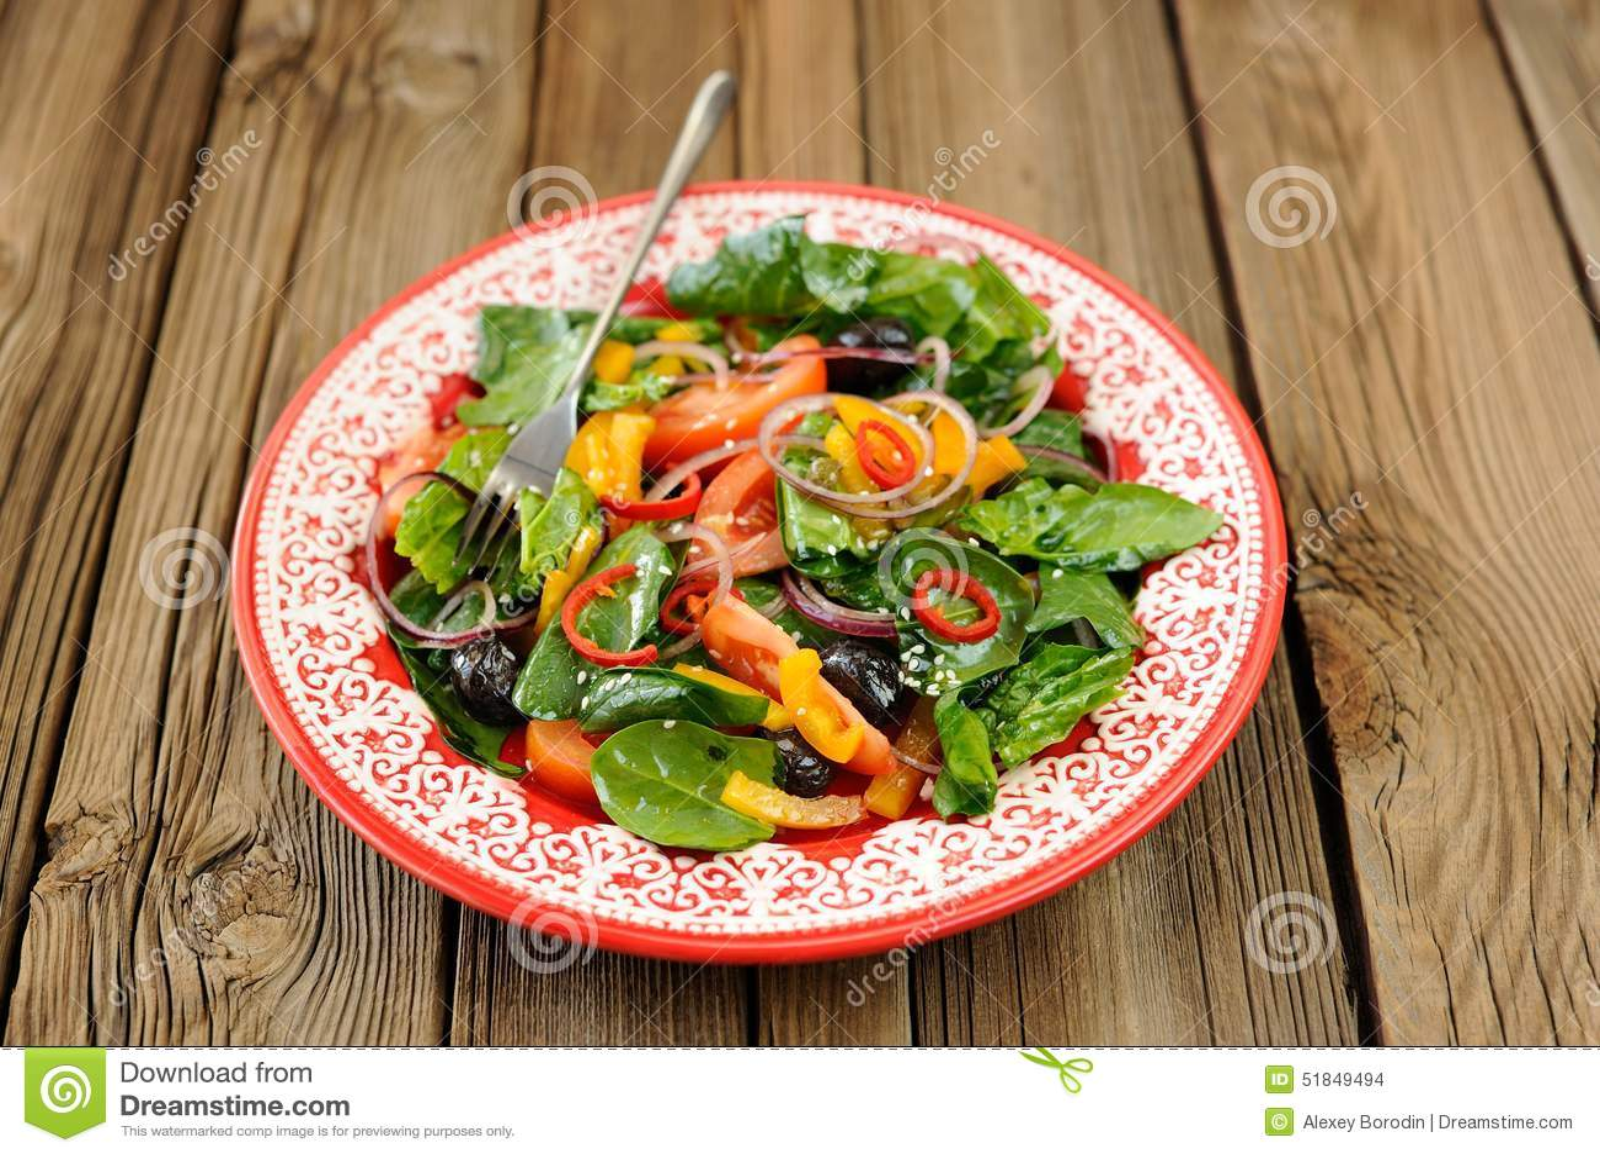 gr ner salat mit rohem gem se spinat tomaten oliven onio stockfoto bild 51849494. Black Bedroom Furniture Sets. Home Design Ideas